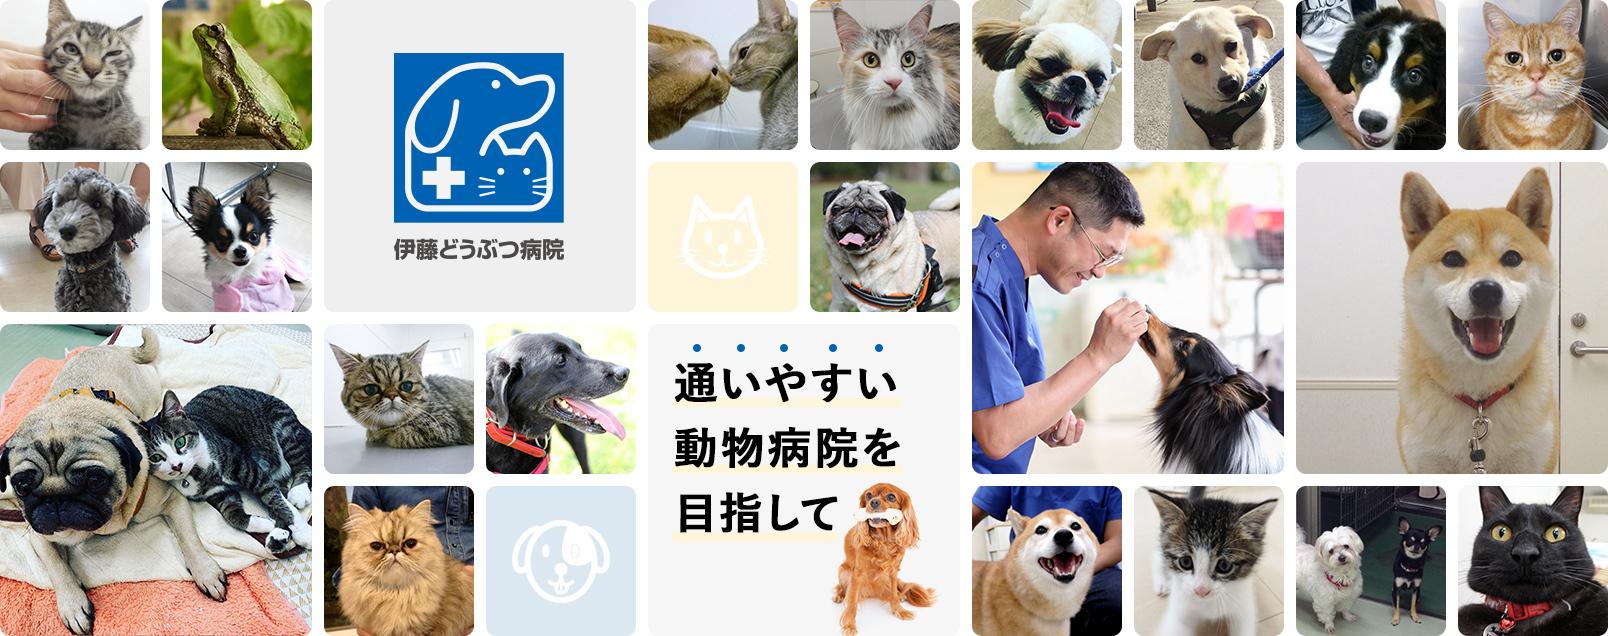 の 病院 近く 動物 日本医大病院近く プーアル動物病院